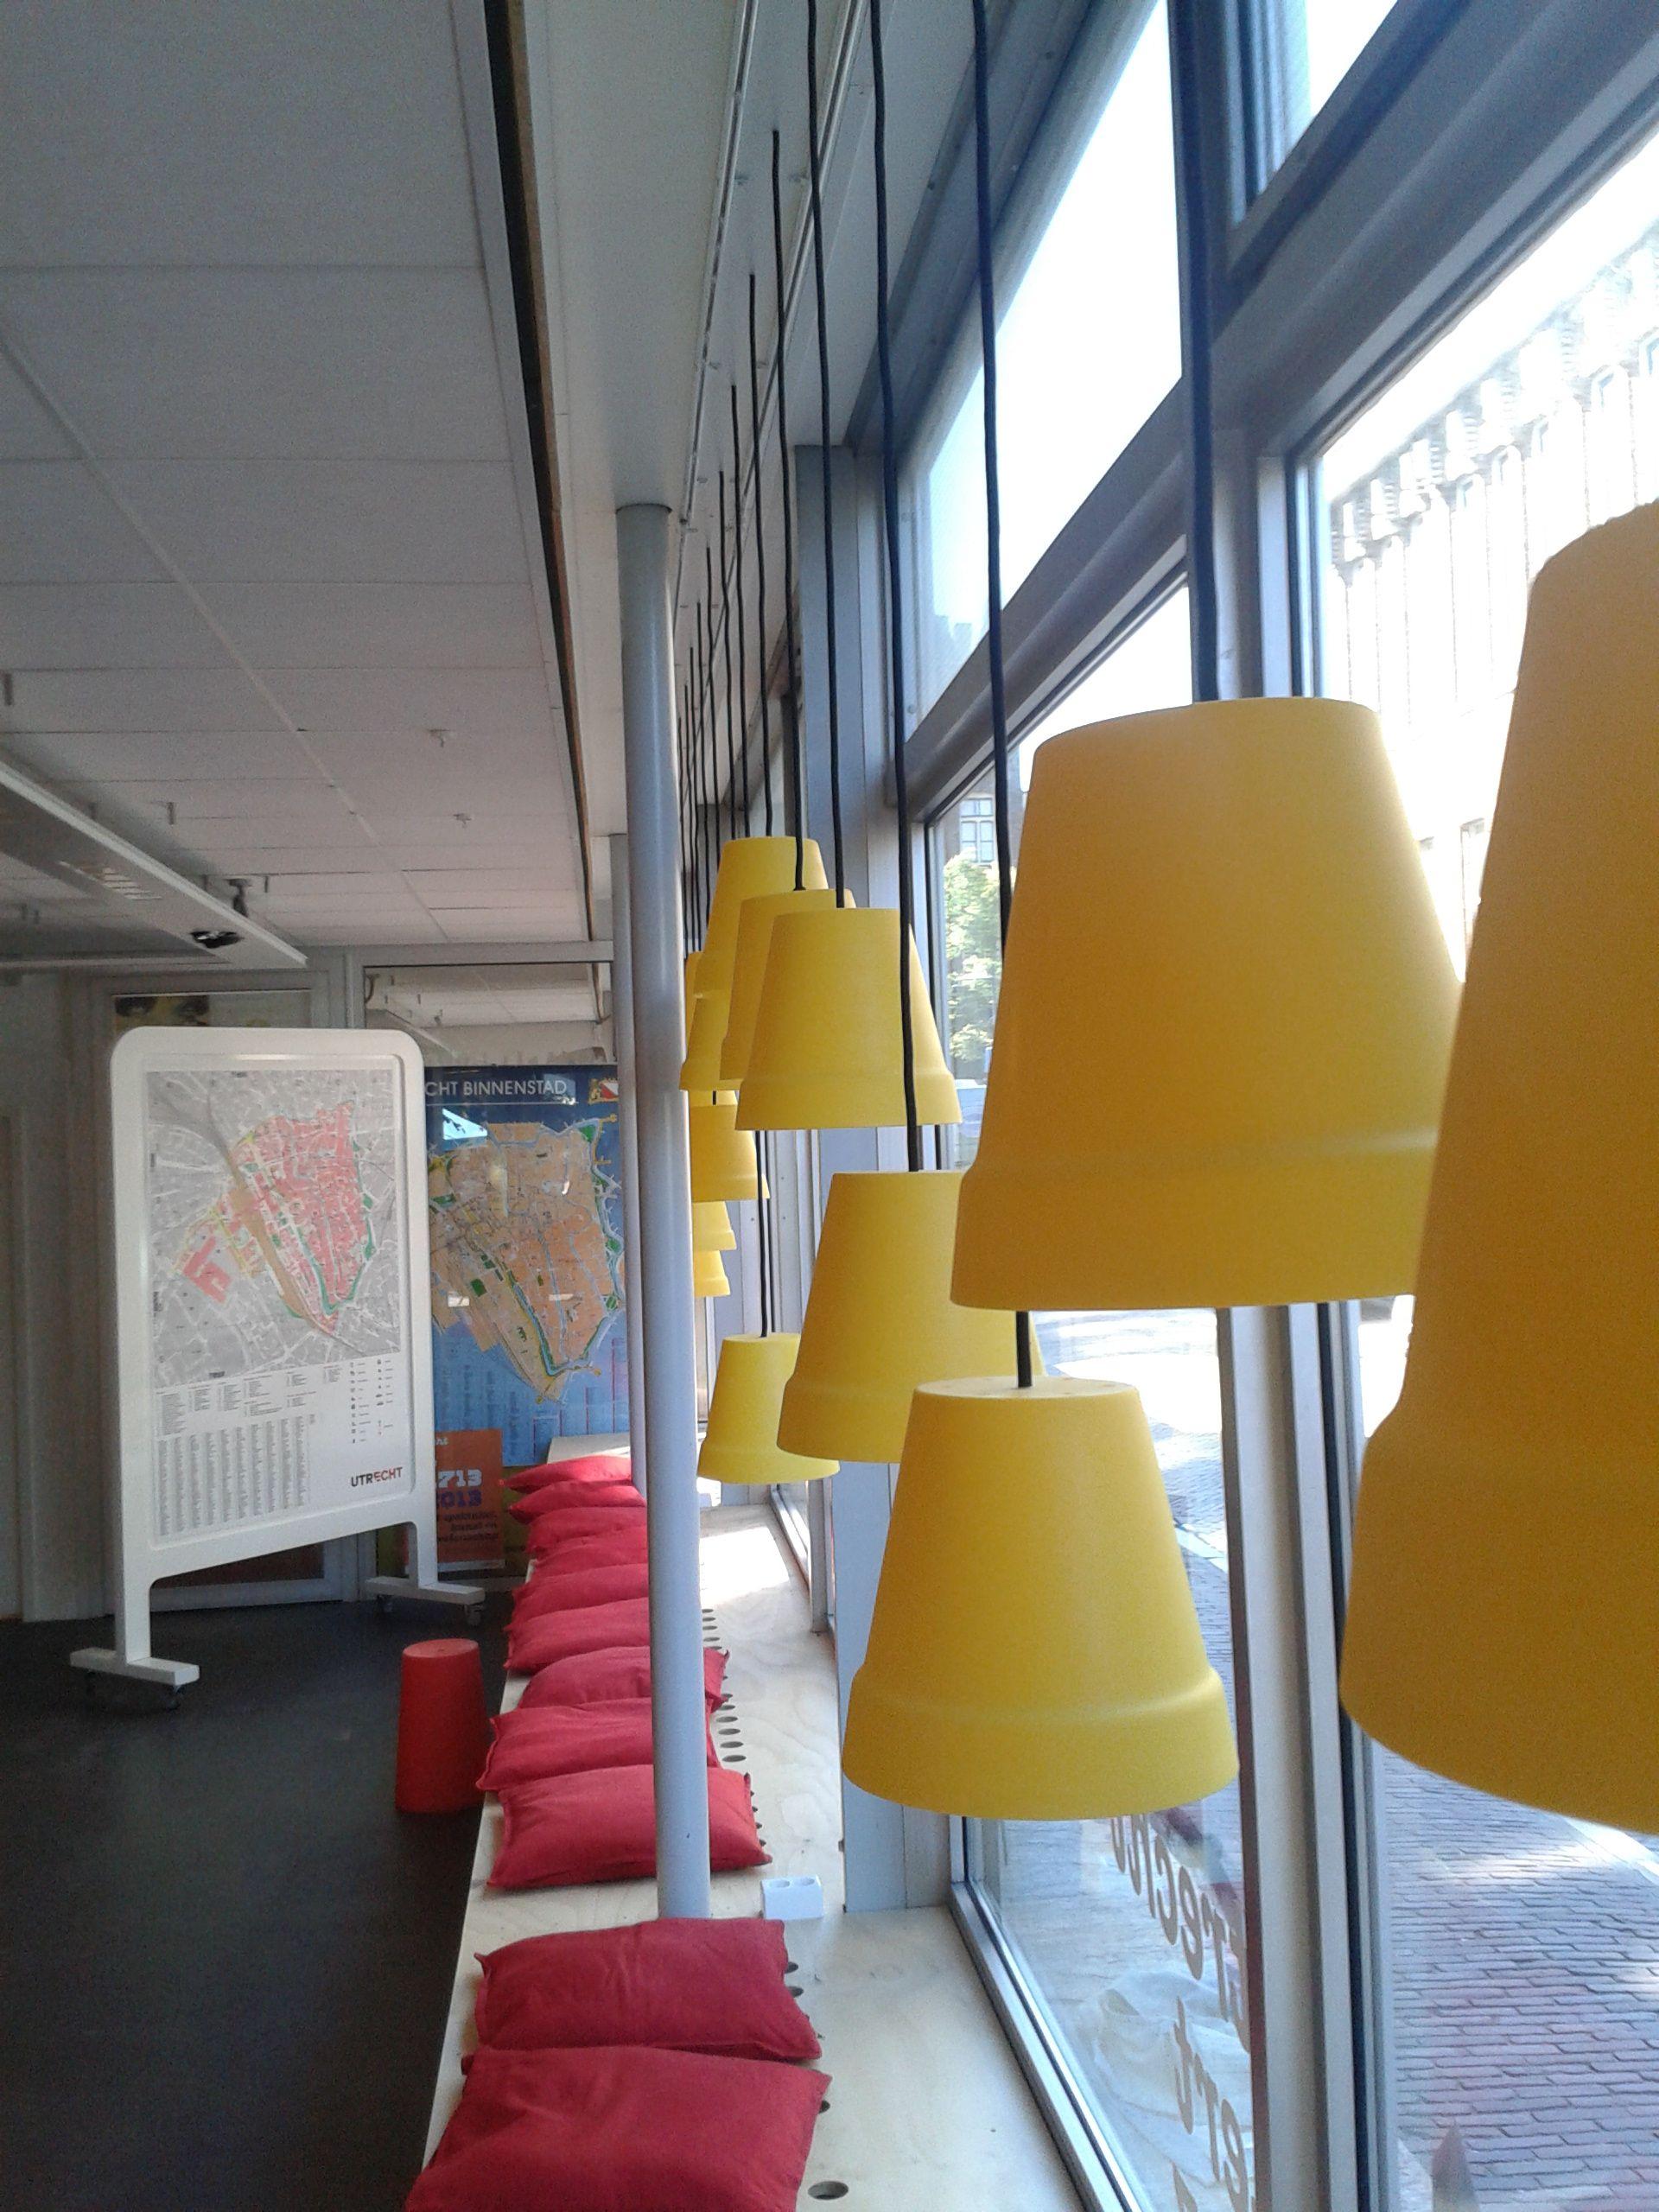 Er zijn verschillende zitplaatsen  voor gasten . Op deze foto zie je een vensterbank met kussens waarop een gast op kan zitten. Er hangen ook lichten bij de raam. Ze hangen niet allemaal op 1 hoogte en dat is ook apart.  Achteraan zie je plattegronden van de stad  utrecht waarop gasten kunnen kijken.